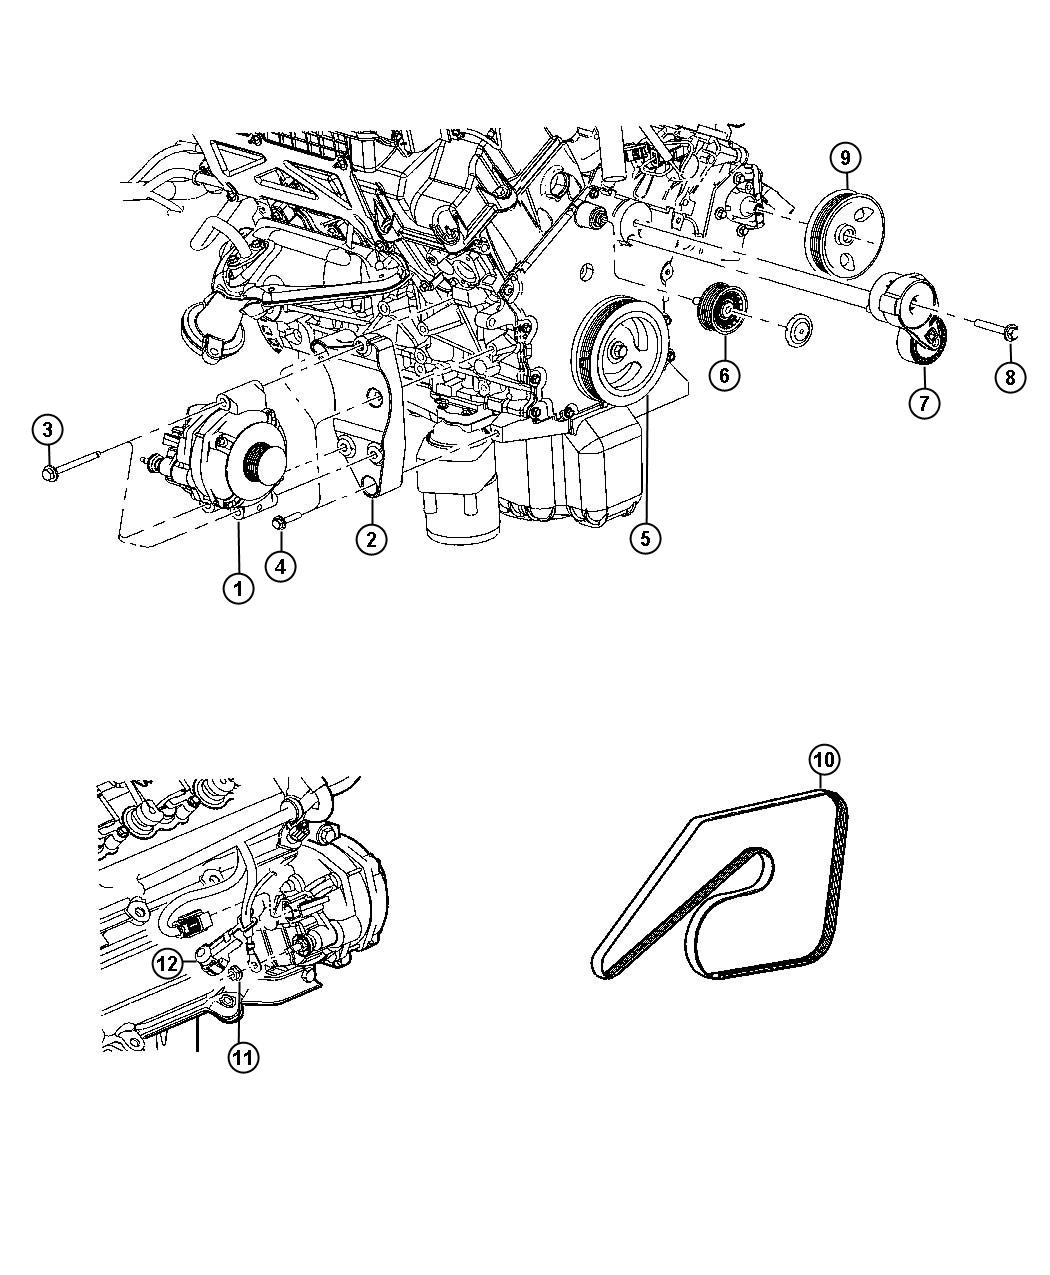 Chrysler 300 Generator Engine 140 Amp Alternator